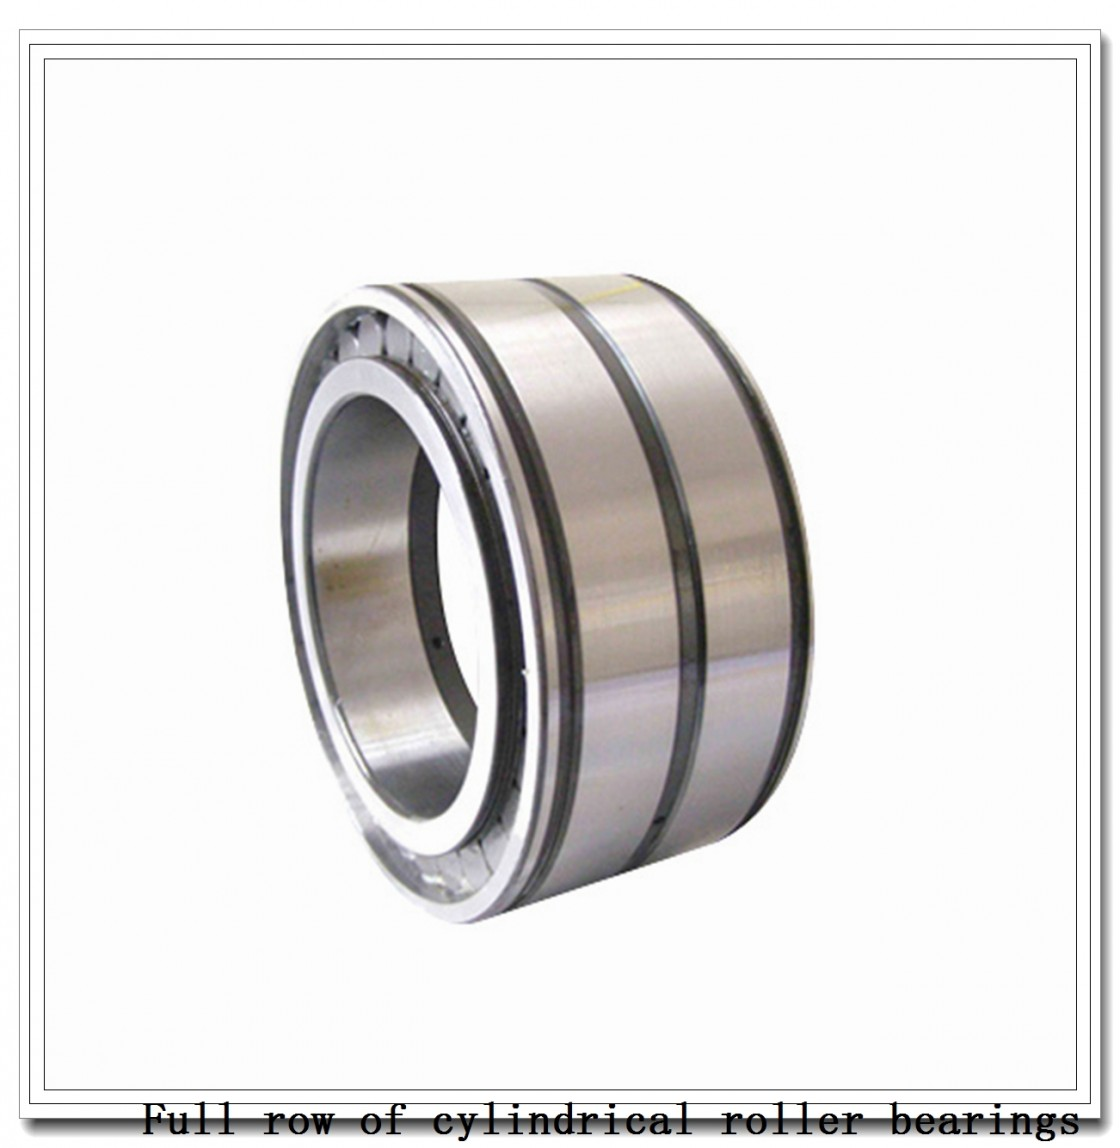 NCF2226V Full row of cylindrical roller bearings